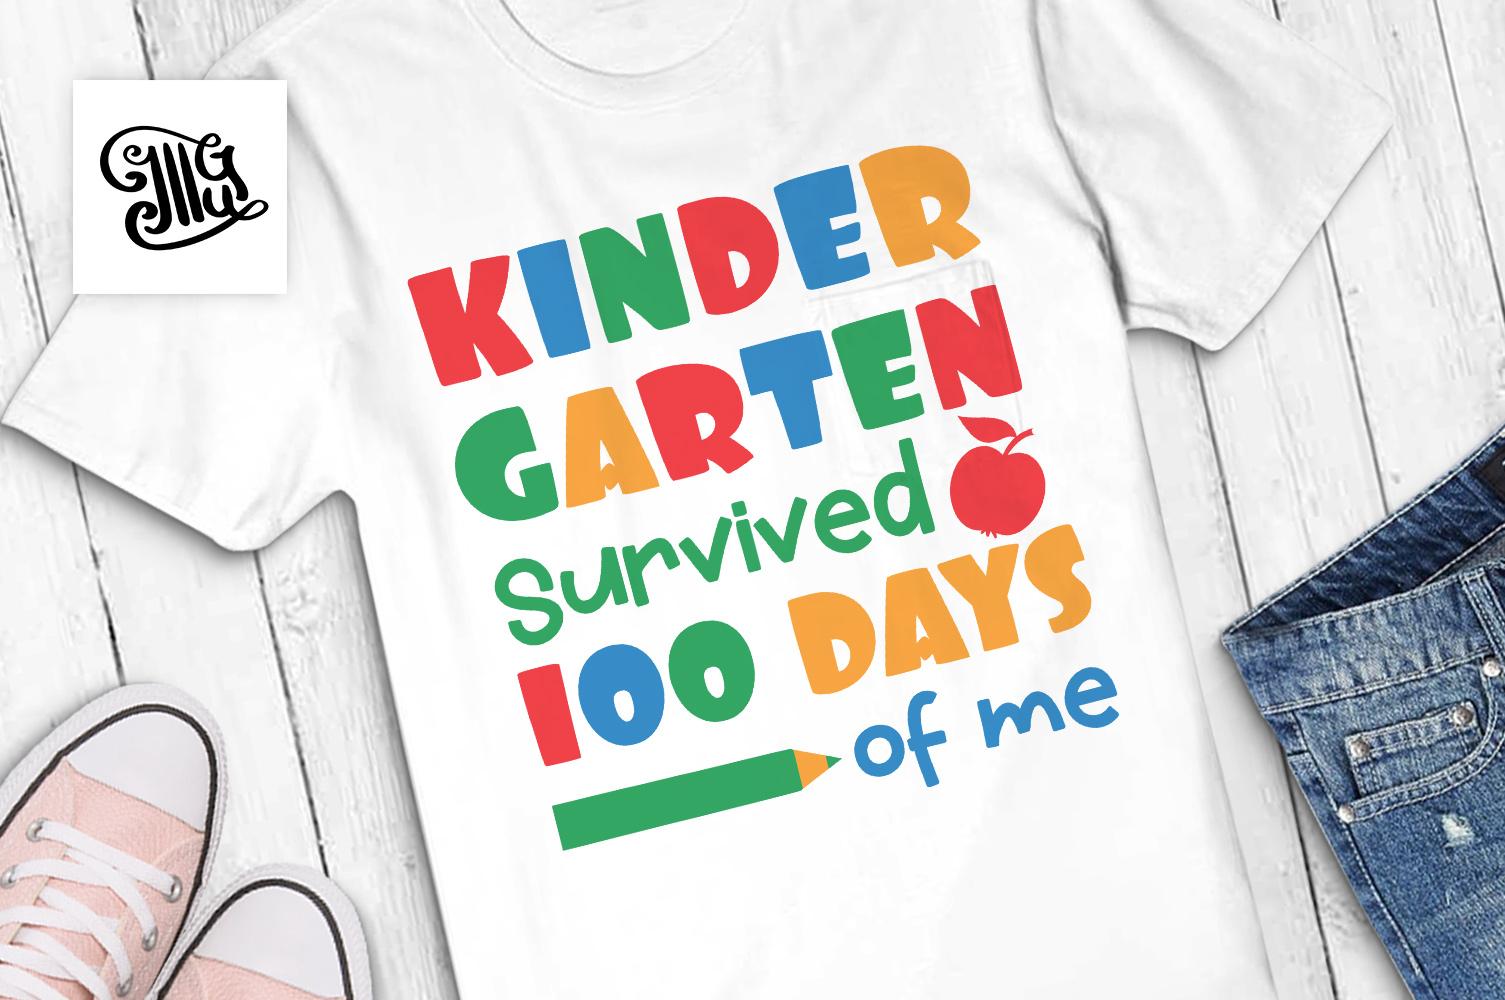 Kindergarten survived 100 days of me svg example image 1